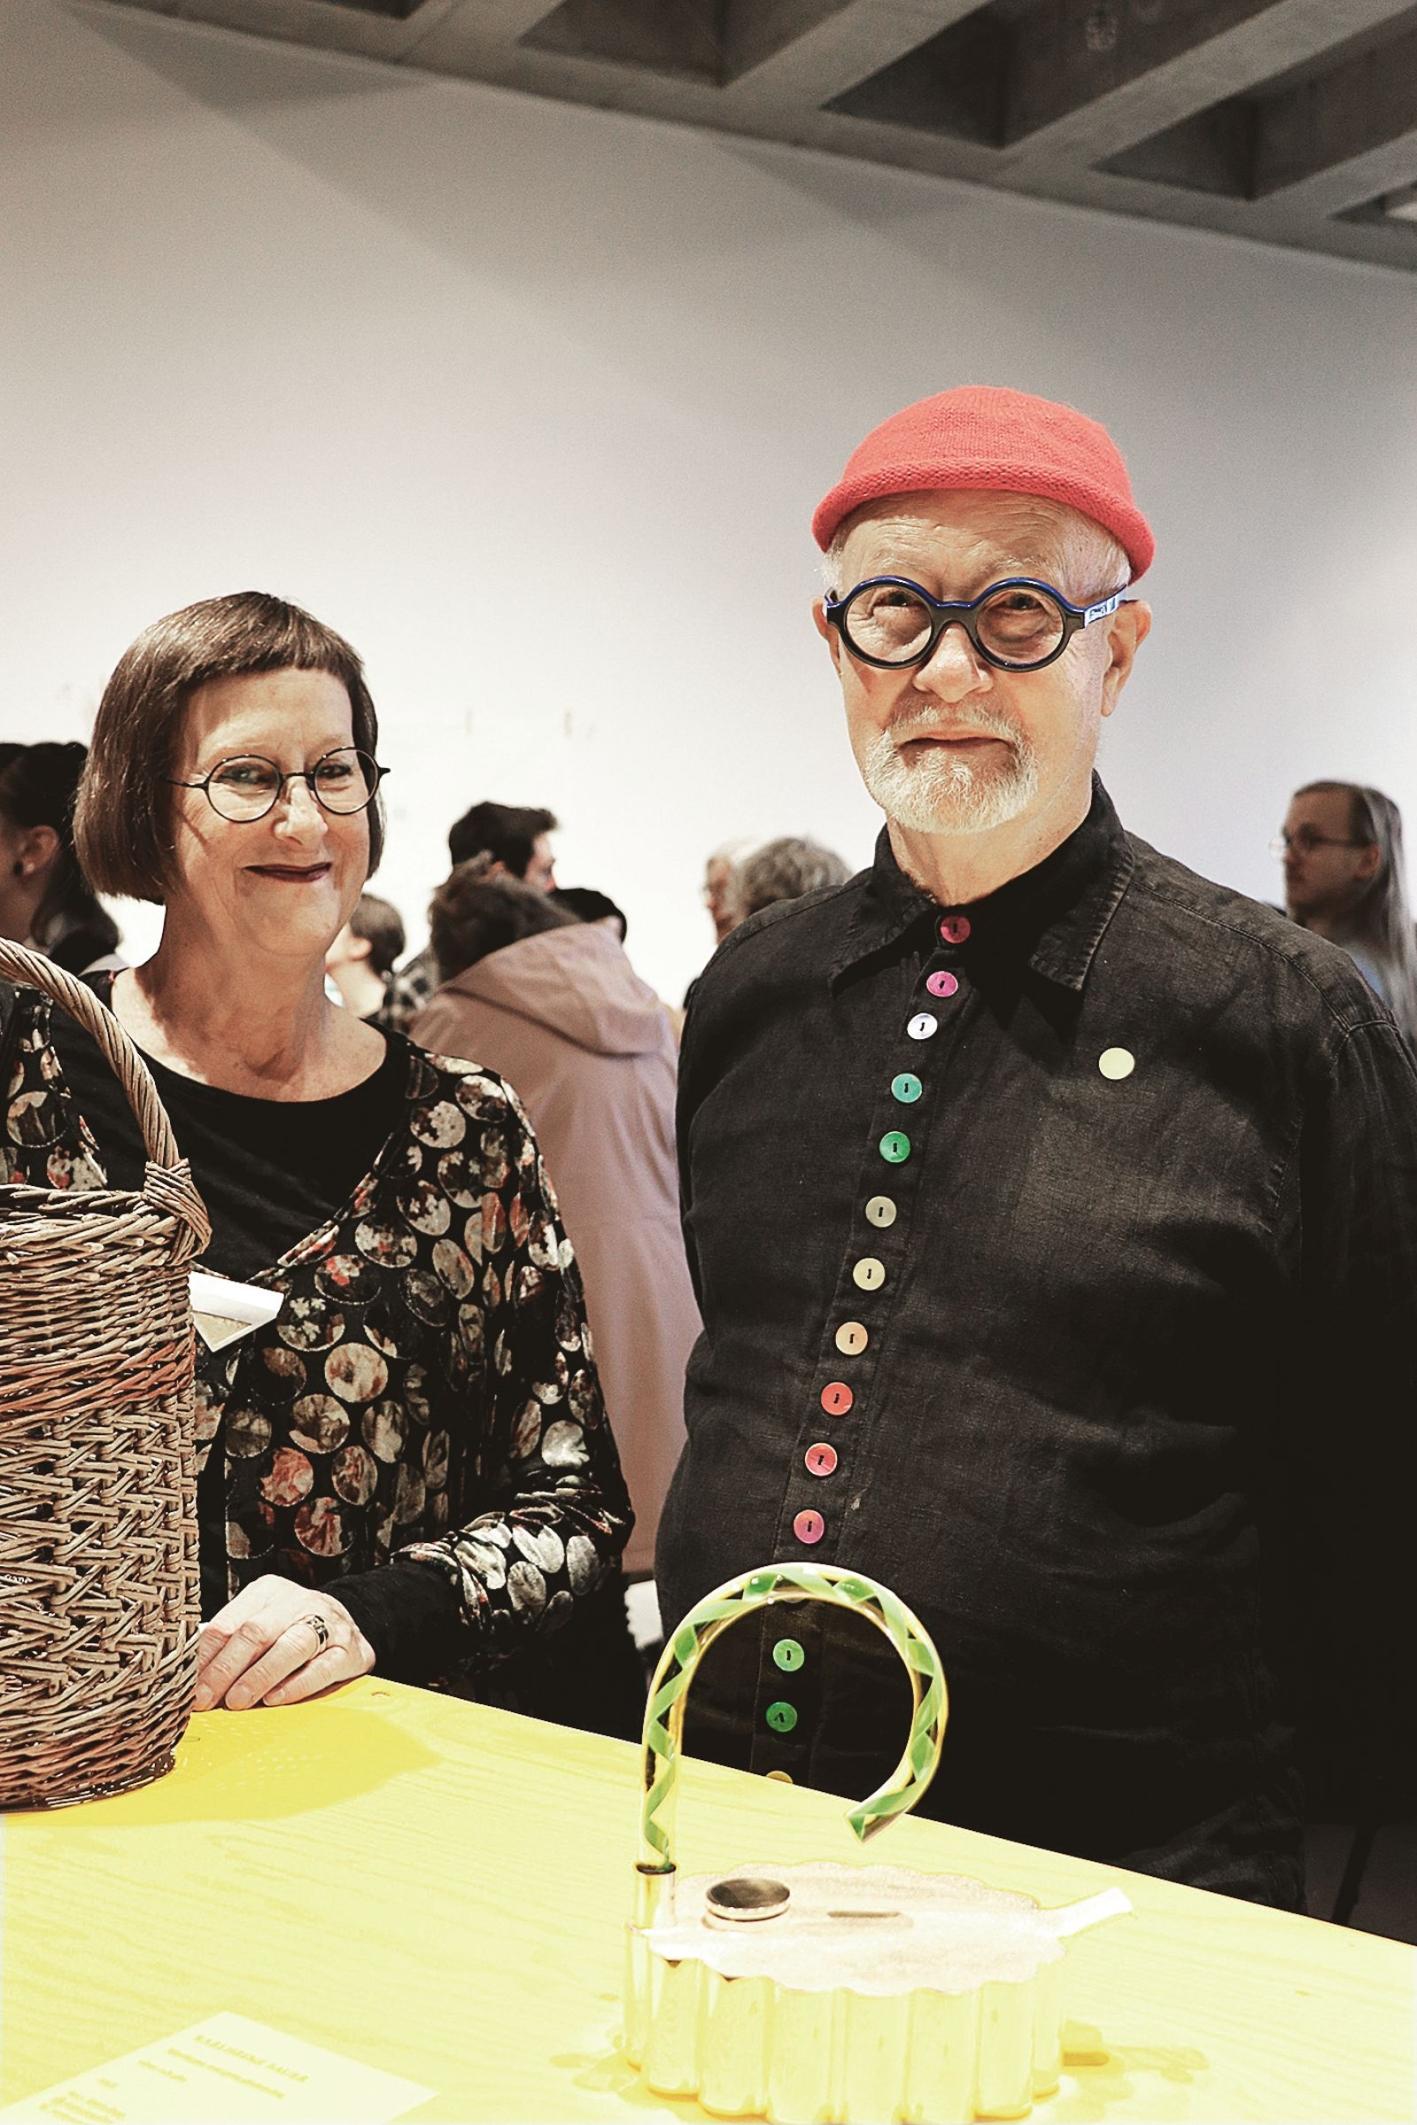 Margareta och Karlheinz Sauer med silverkannan som är Karlheinz bidrag till utställningen.